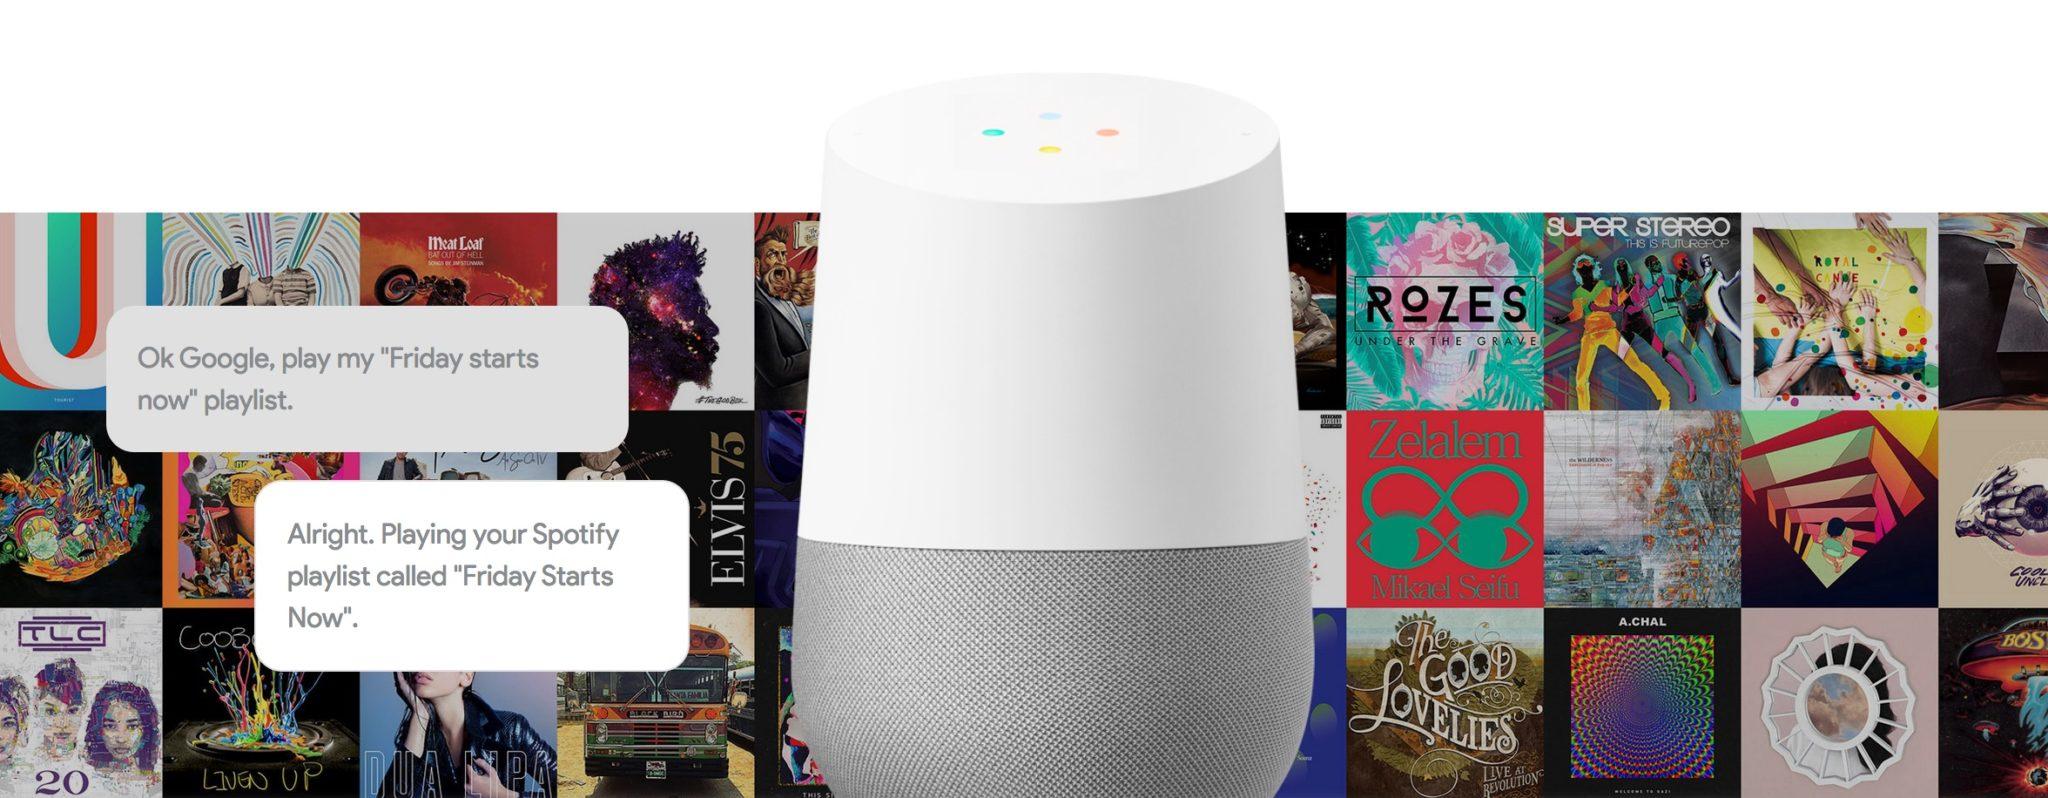 google home tout ce qu 39 il faut savoir sur le p riph rique de domotique. Black Bedroom Furniture Sets. Home Design Ideas